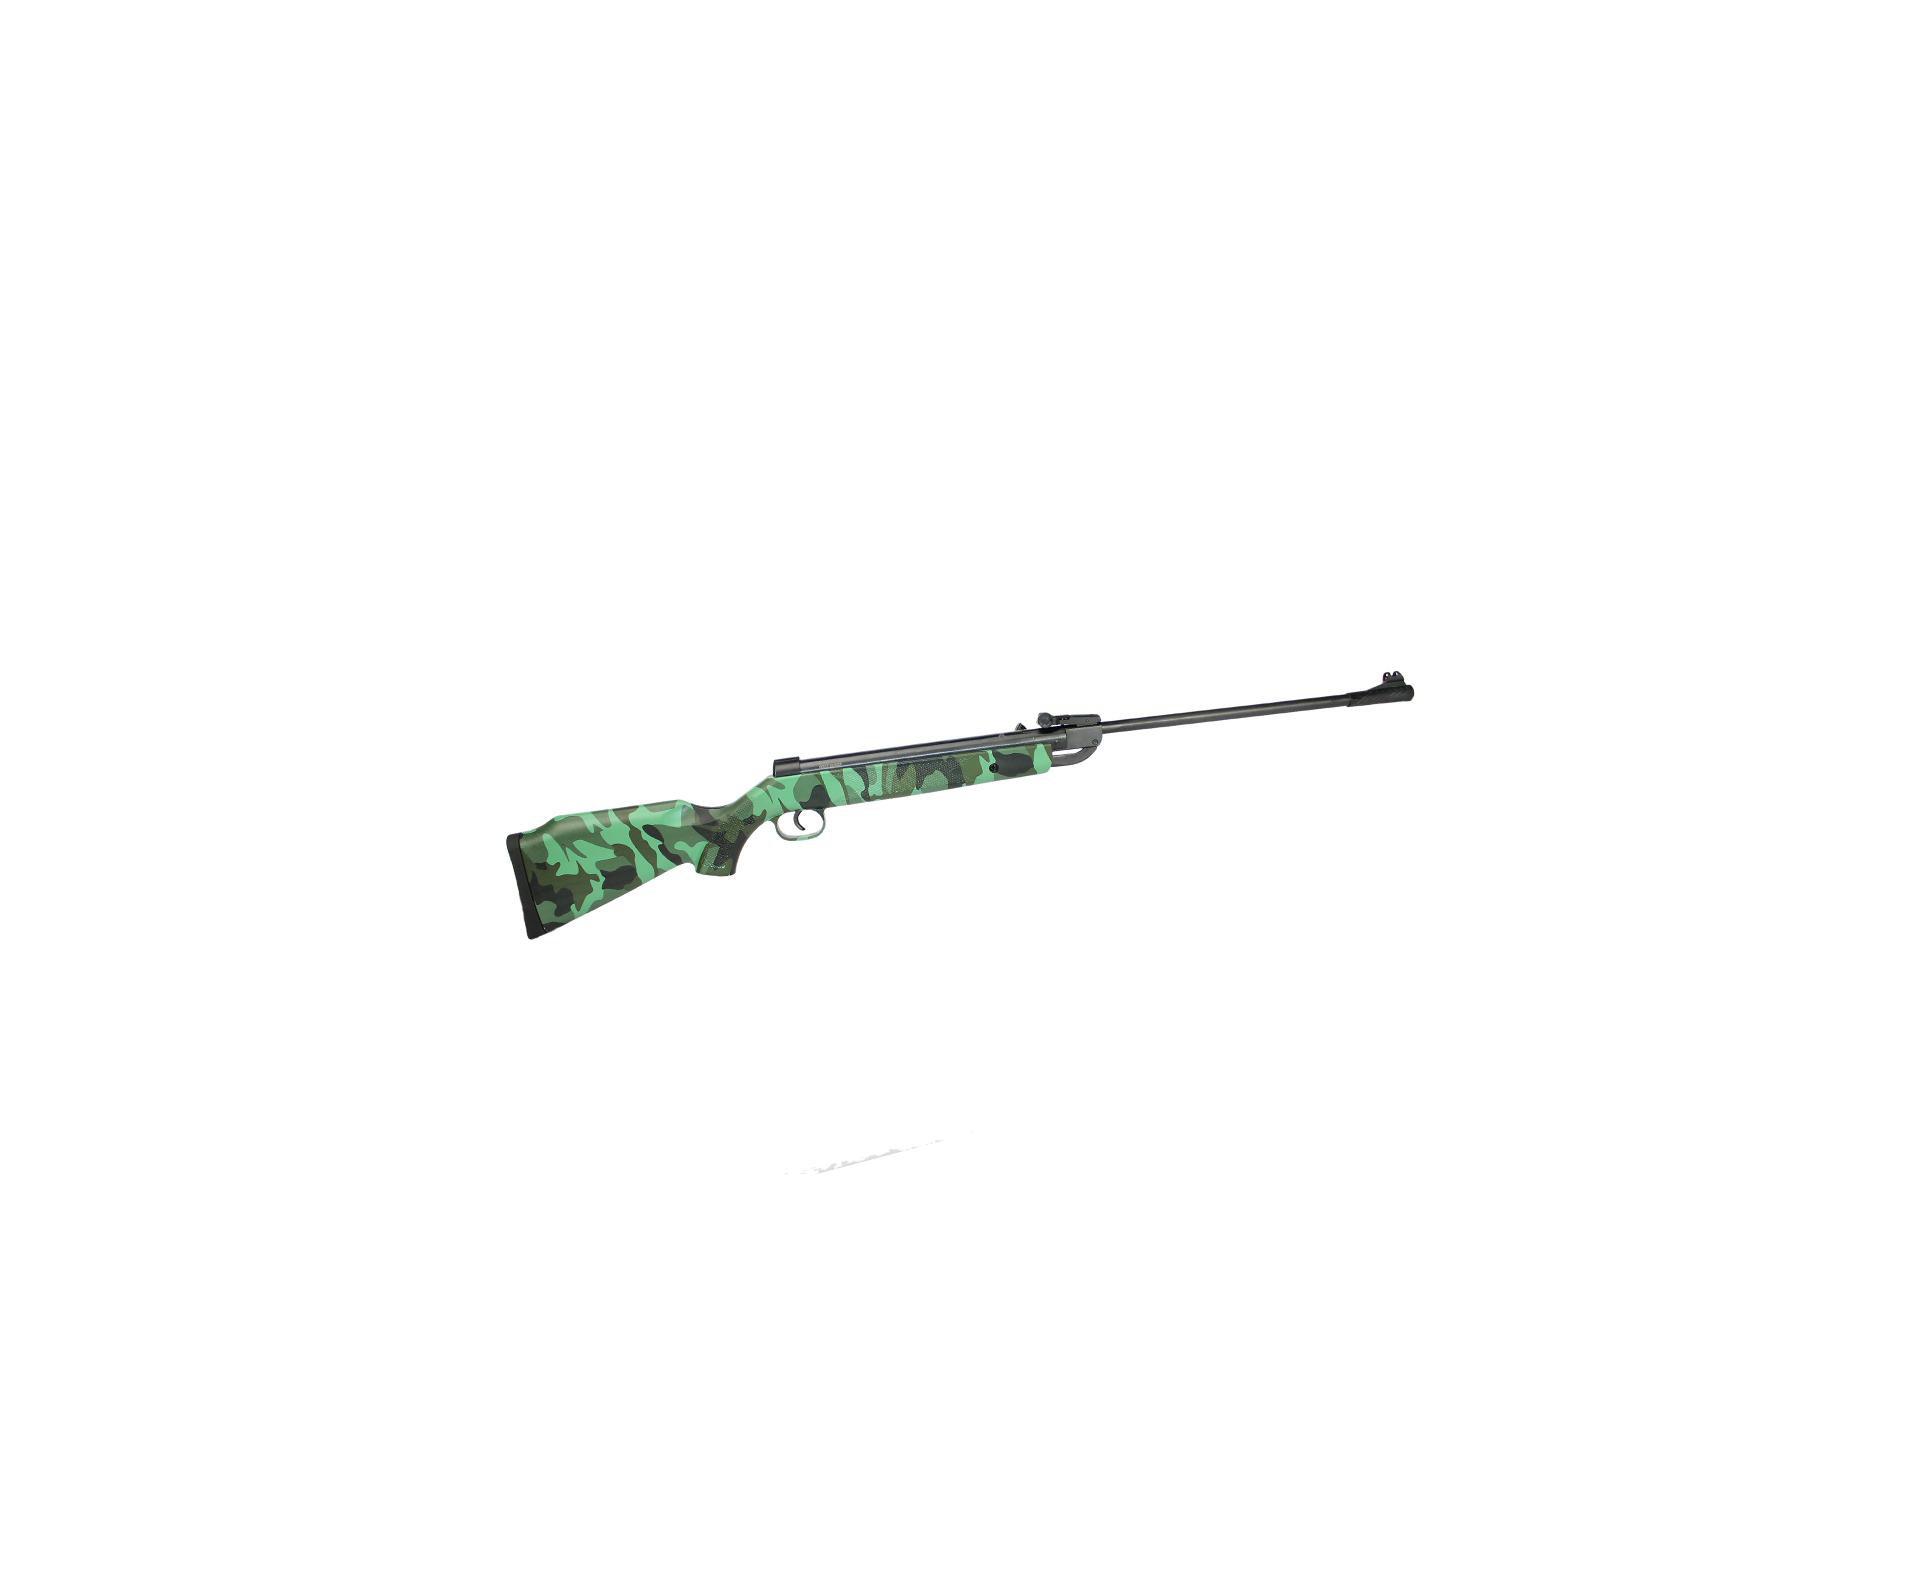 Carabina De Pressão Viper Camuflada Cal 5.5mm - Fixxar